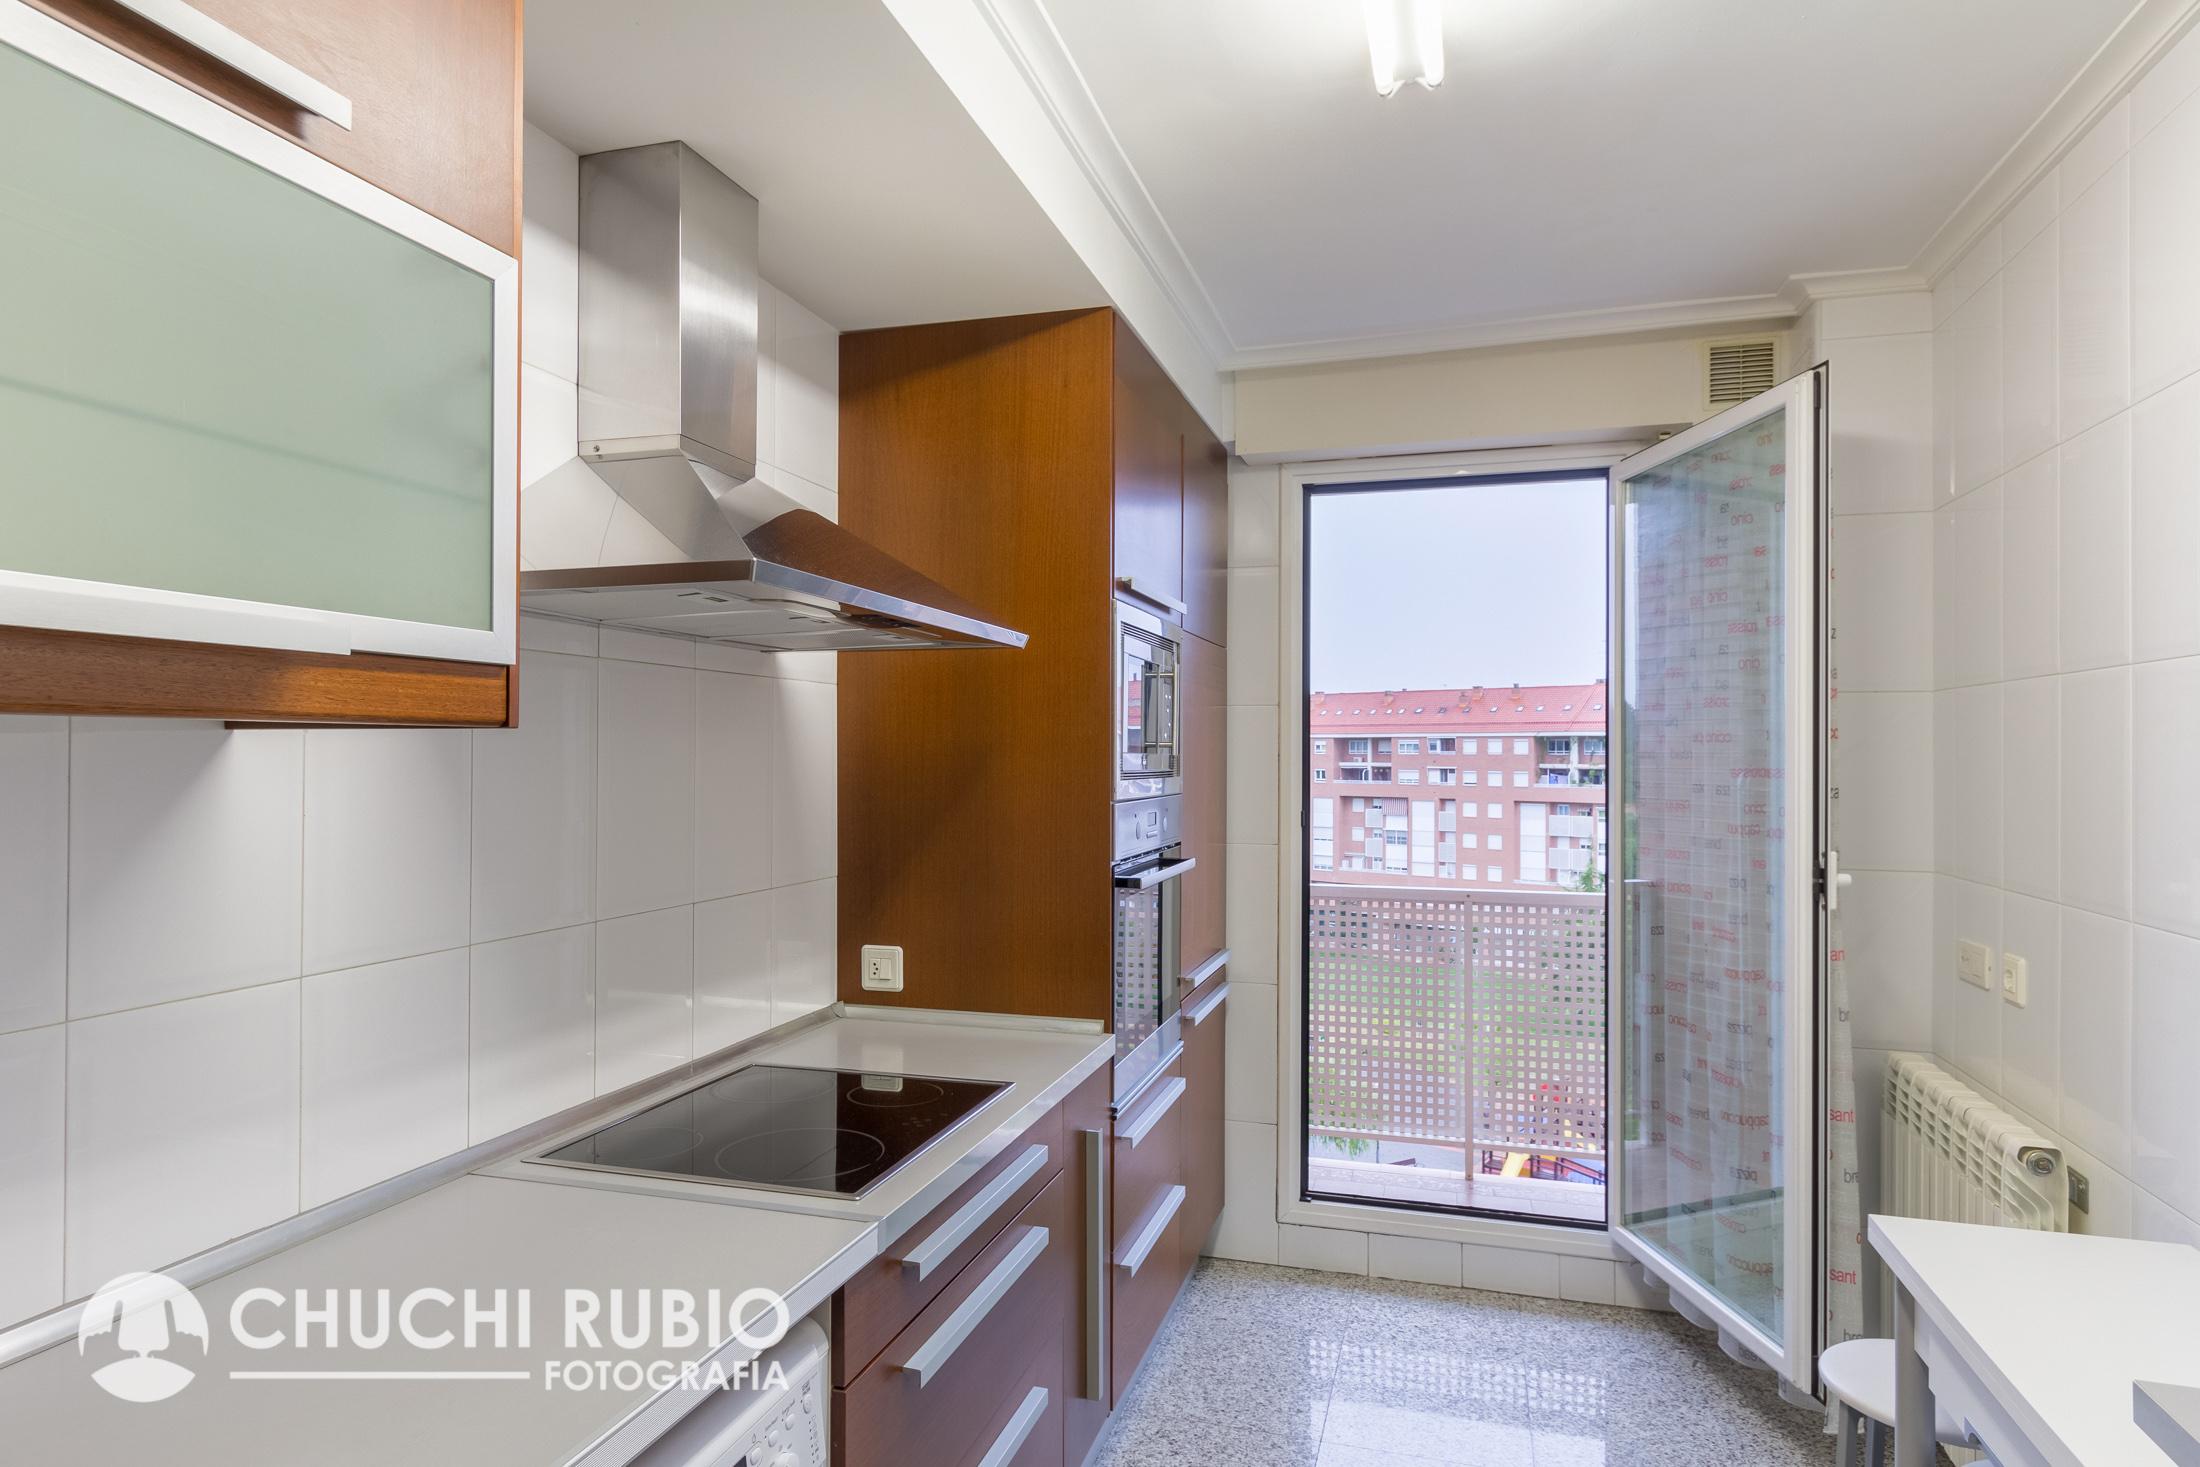 IMG 1121 HDR - Fotografía para Inmobiliarias, venta de pisos, locales...